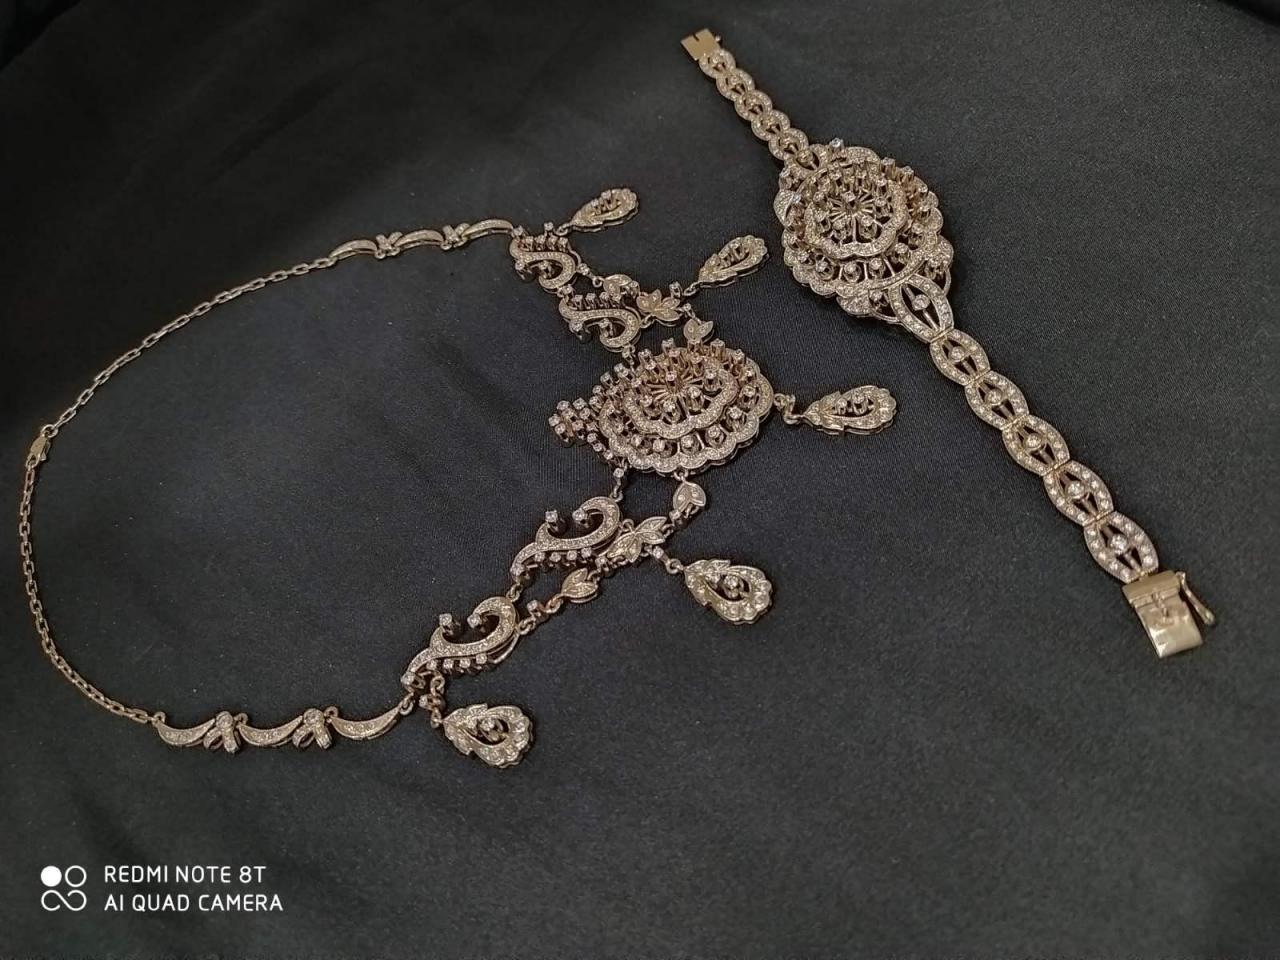 Эксклюзивное ожерелье и брослет серебро 925 пробы - 4